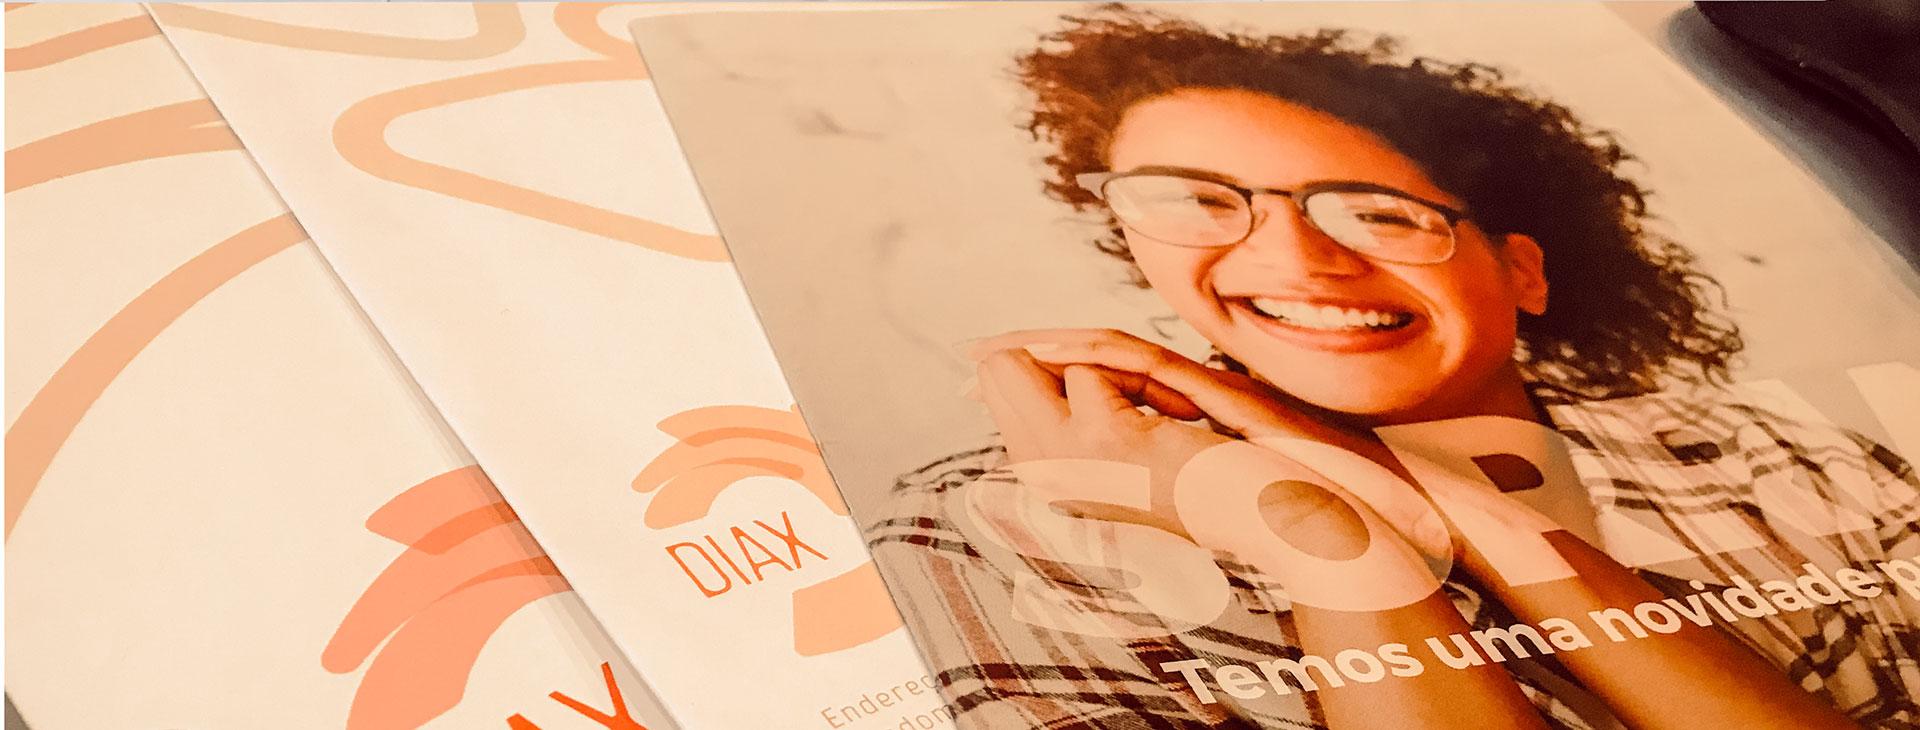 diax-08